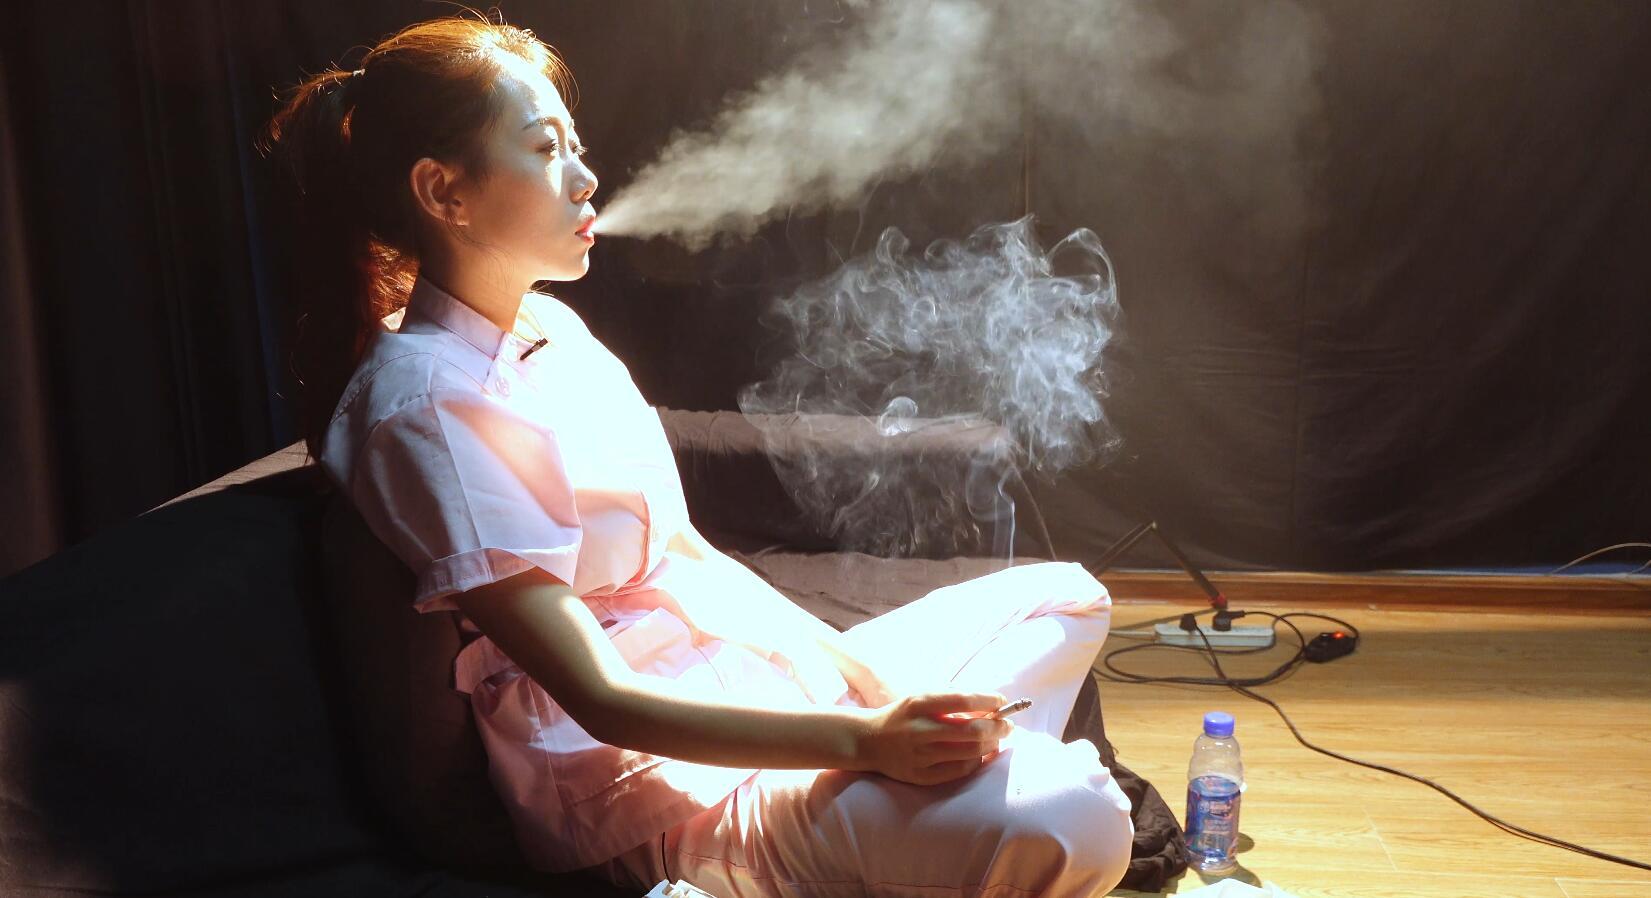 我从来不教别人抽烟,抽烟有害健康,但我不戒